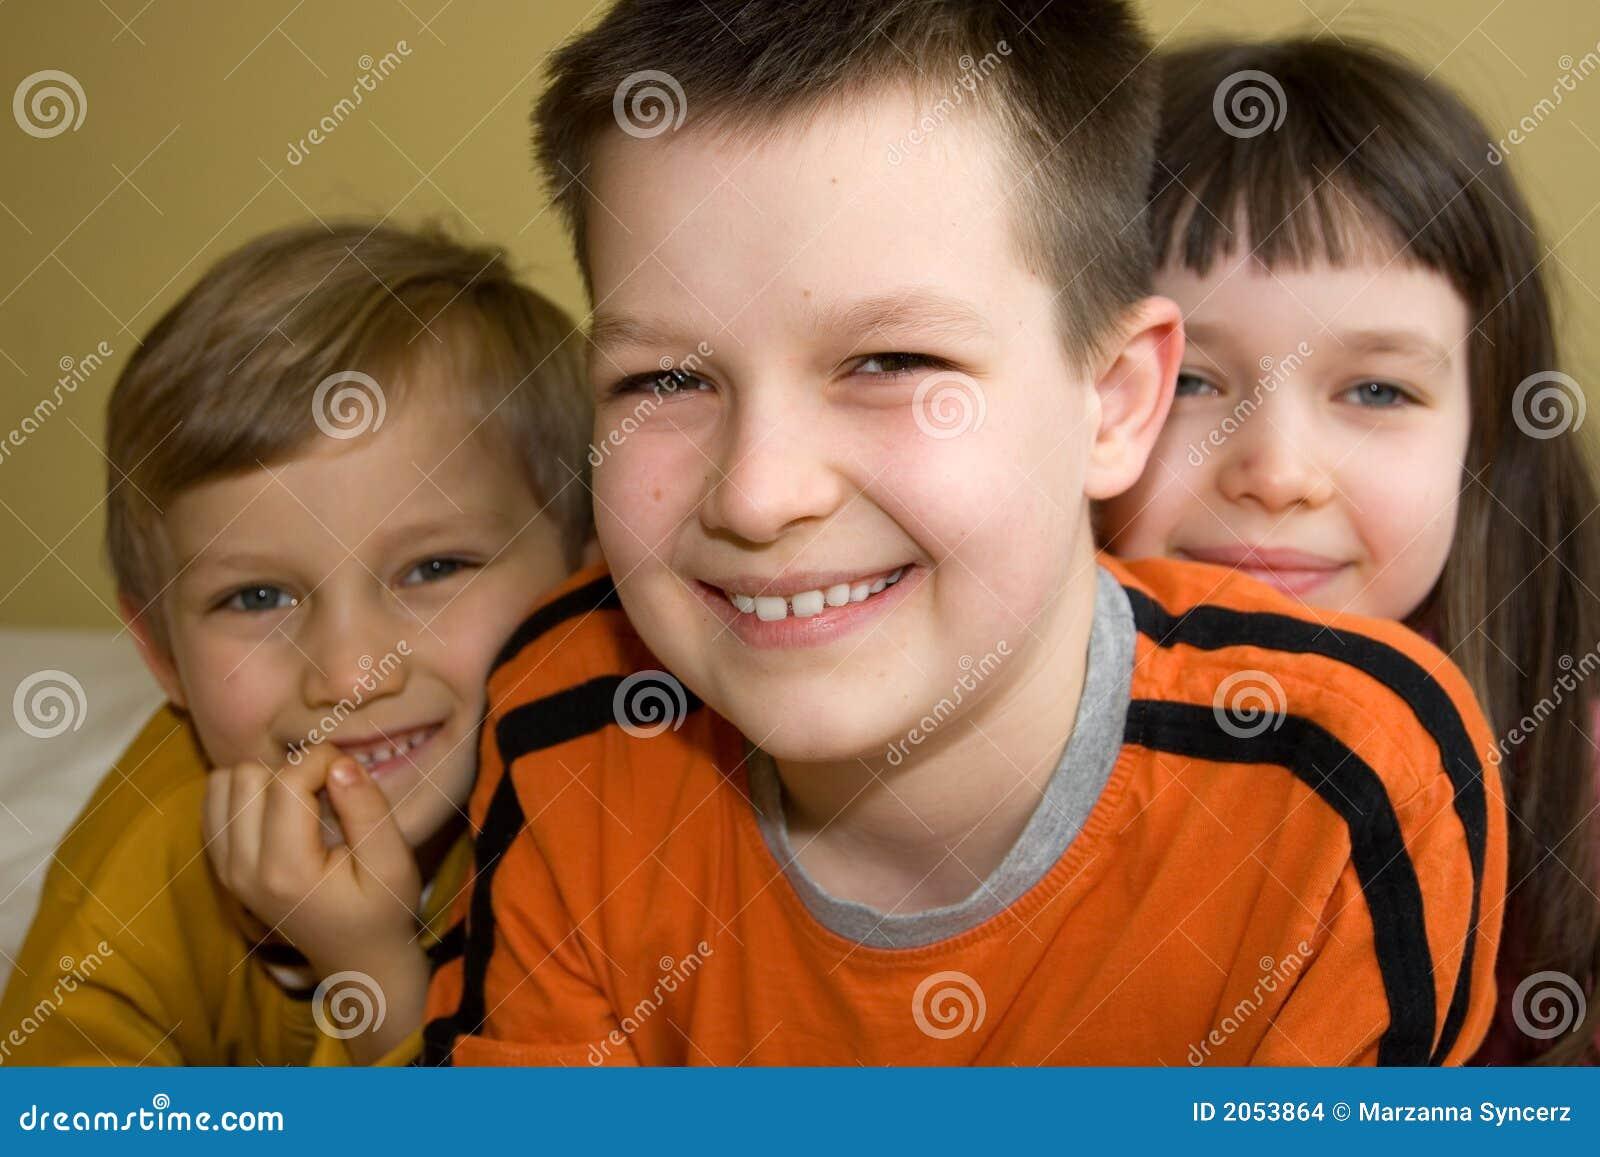 испуская лучи усмешки 3 детей